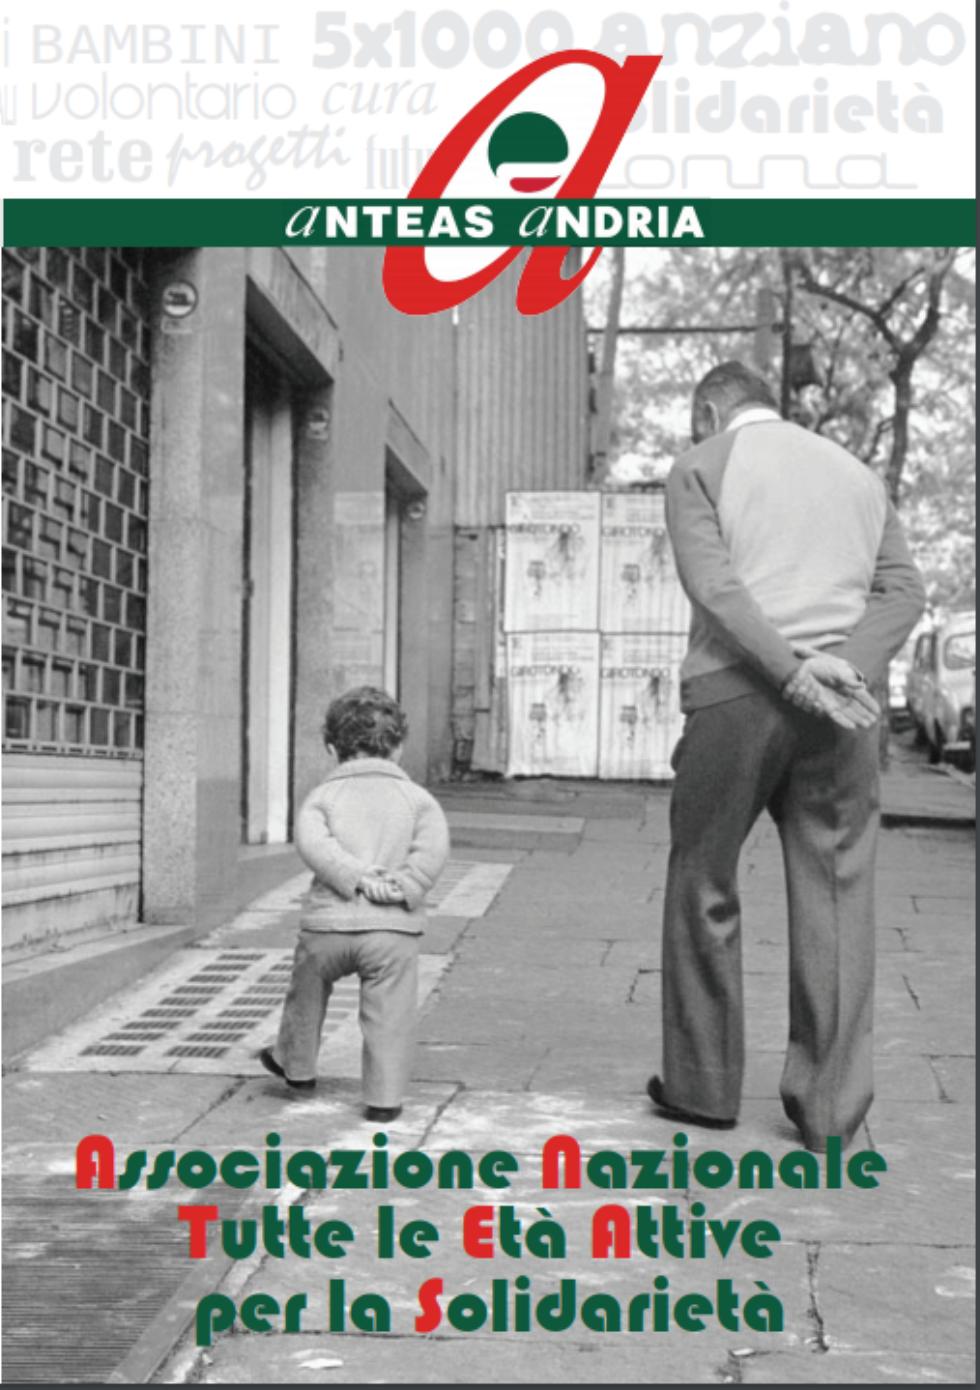 Anteas Andria,  tante iniziative per il  2018 e una  grafica convincente